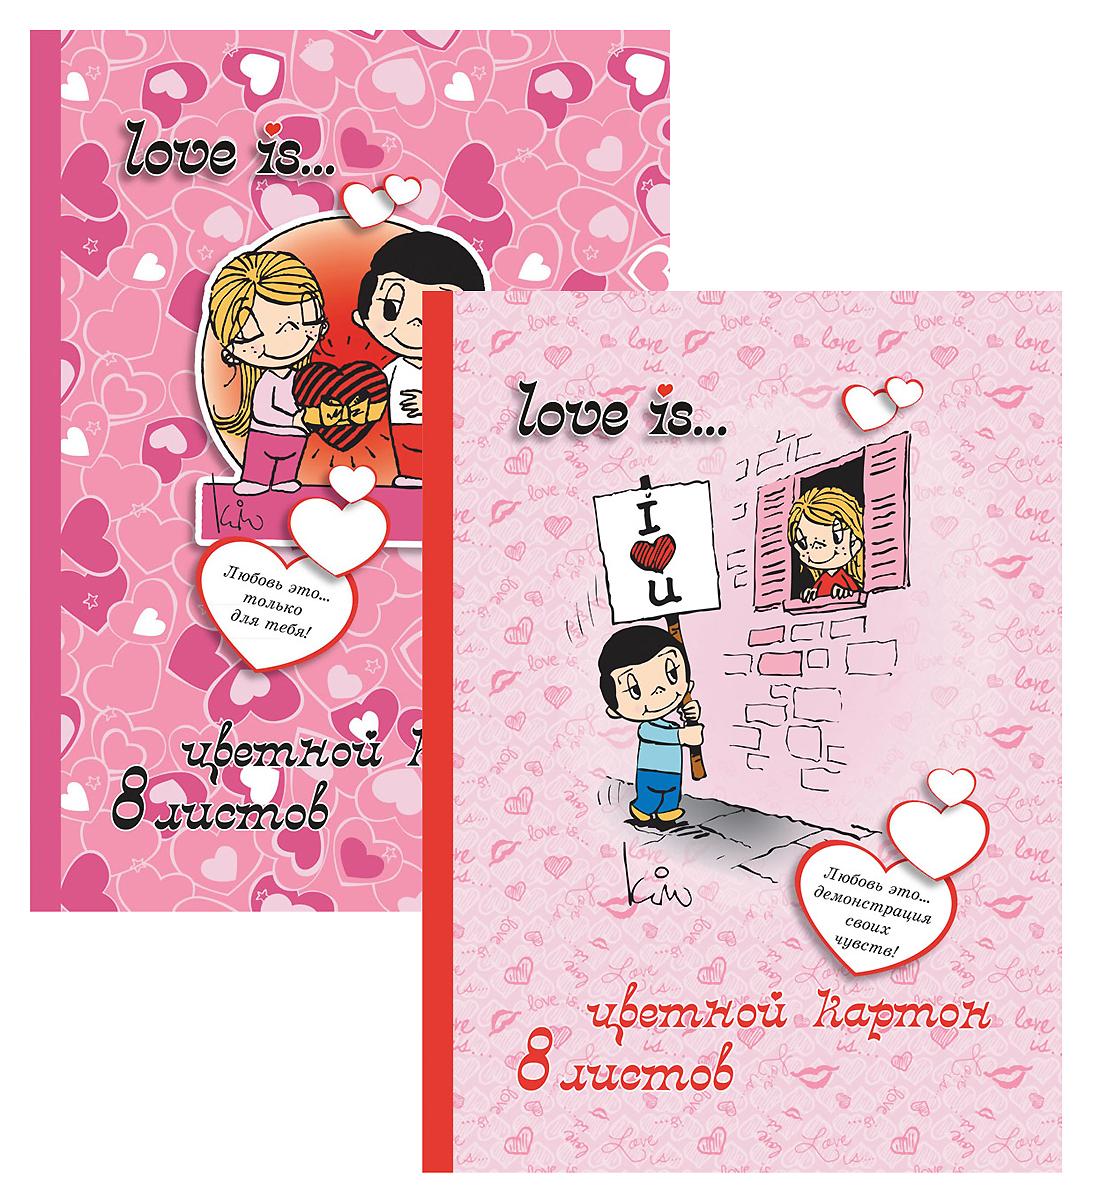 Набор цветного картона Action!: Love is, 16 цв, формат А4LI-ACC-8/8Набор цветного картона Action!: Love is позволит создавать всевозможные аппликации и поделки. Набор включает 16 листов одностороннего цветного картона формата А4. Цвета: желтый, красный, зеленый, синий, оранжевый, белый, коричневый черный. Создание поделок из цветного картона позволяет ребенку развивать творческие способности, кроме того, это увлекательный досуг. Набор упакован в картонную папку с изображением  Love is.